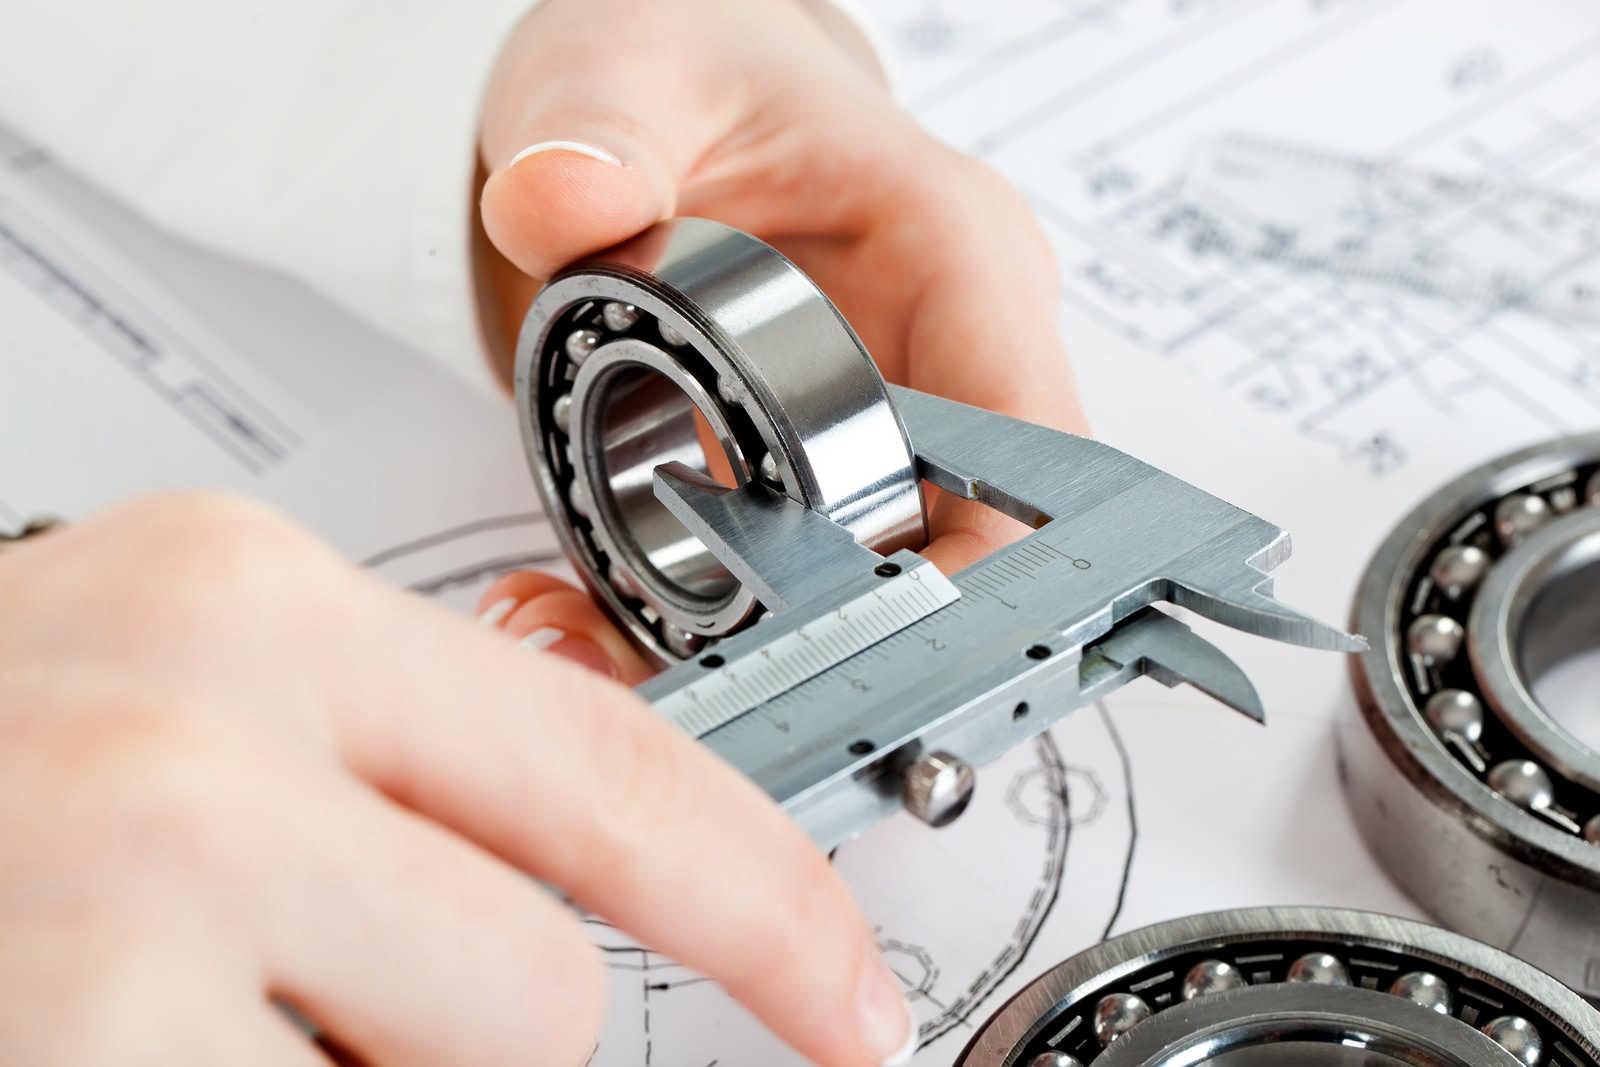 Foto Messschieber - MRK Mensch Roboter Kollaboration - Bernsau Engineering